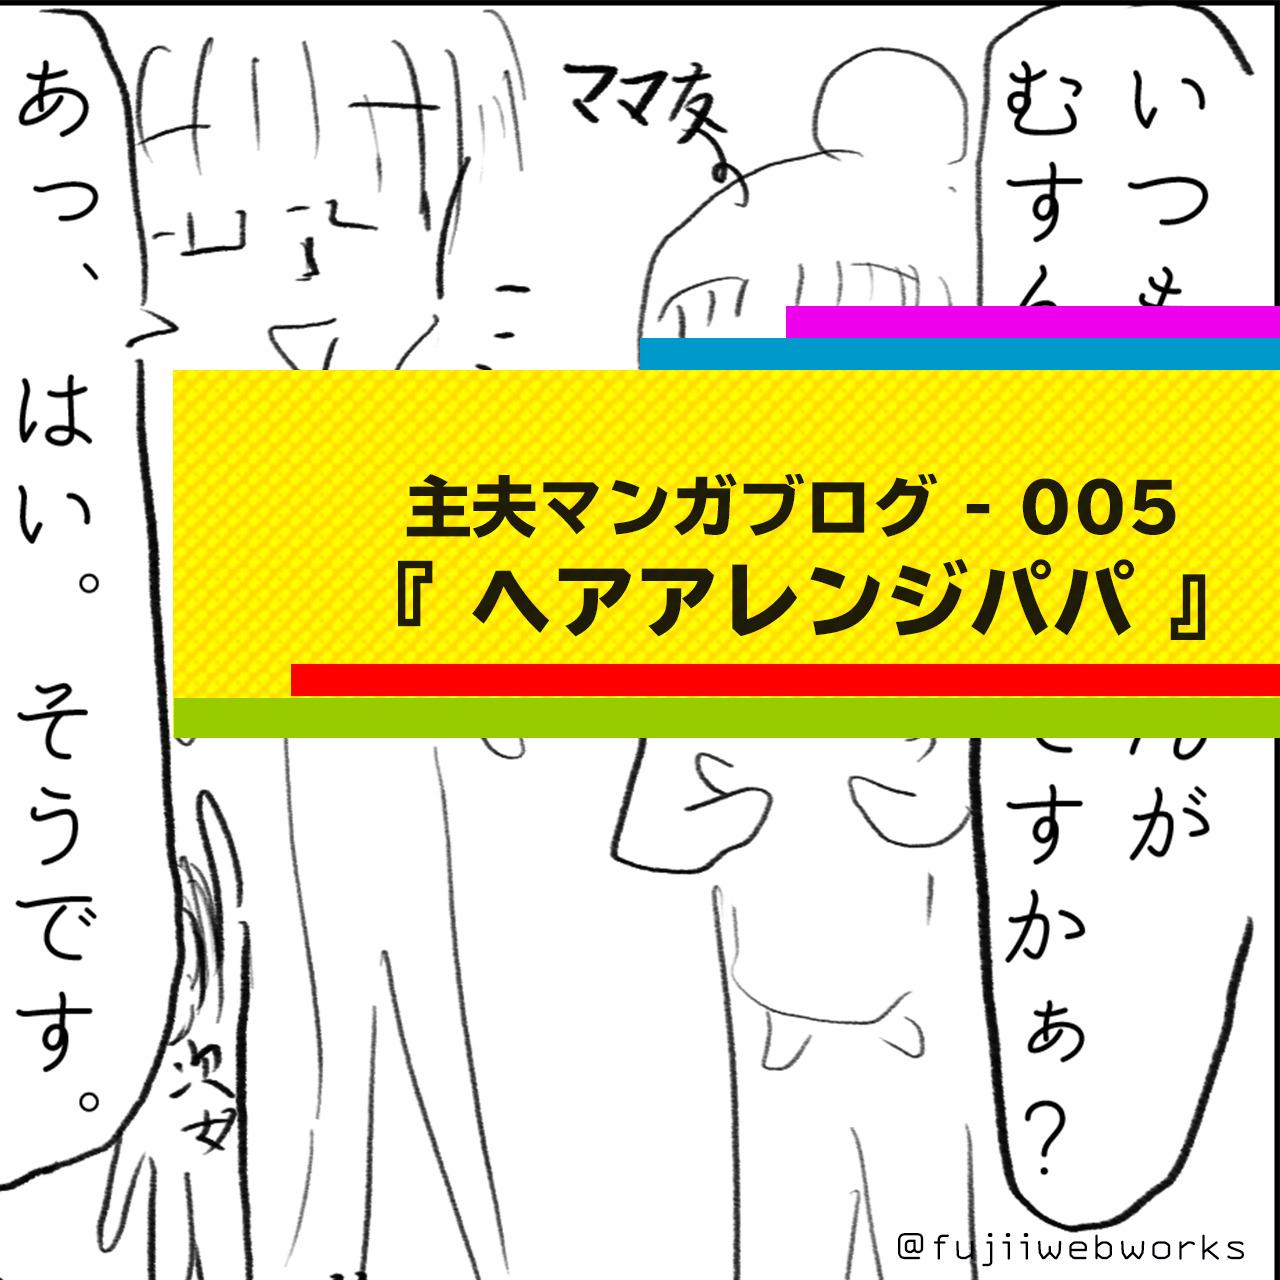 3814-主夫マンガブログ-005